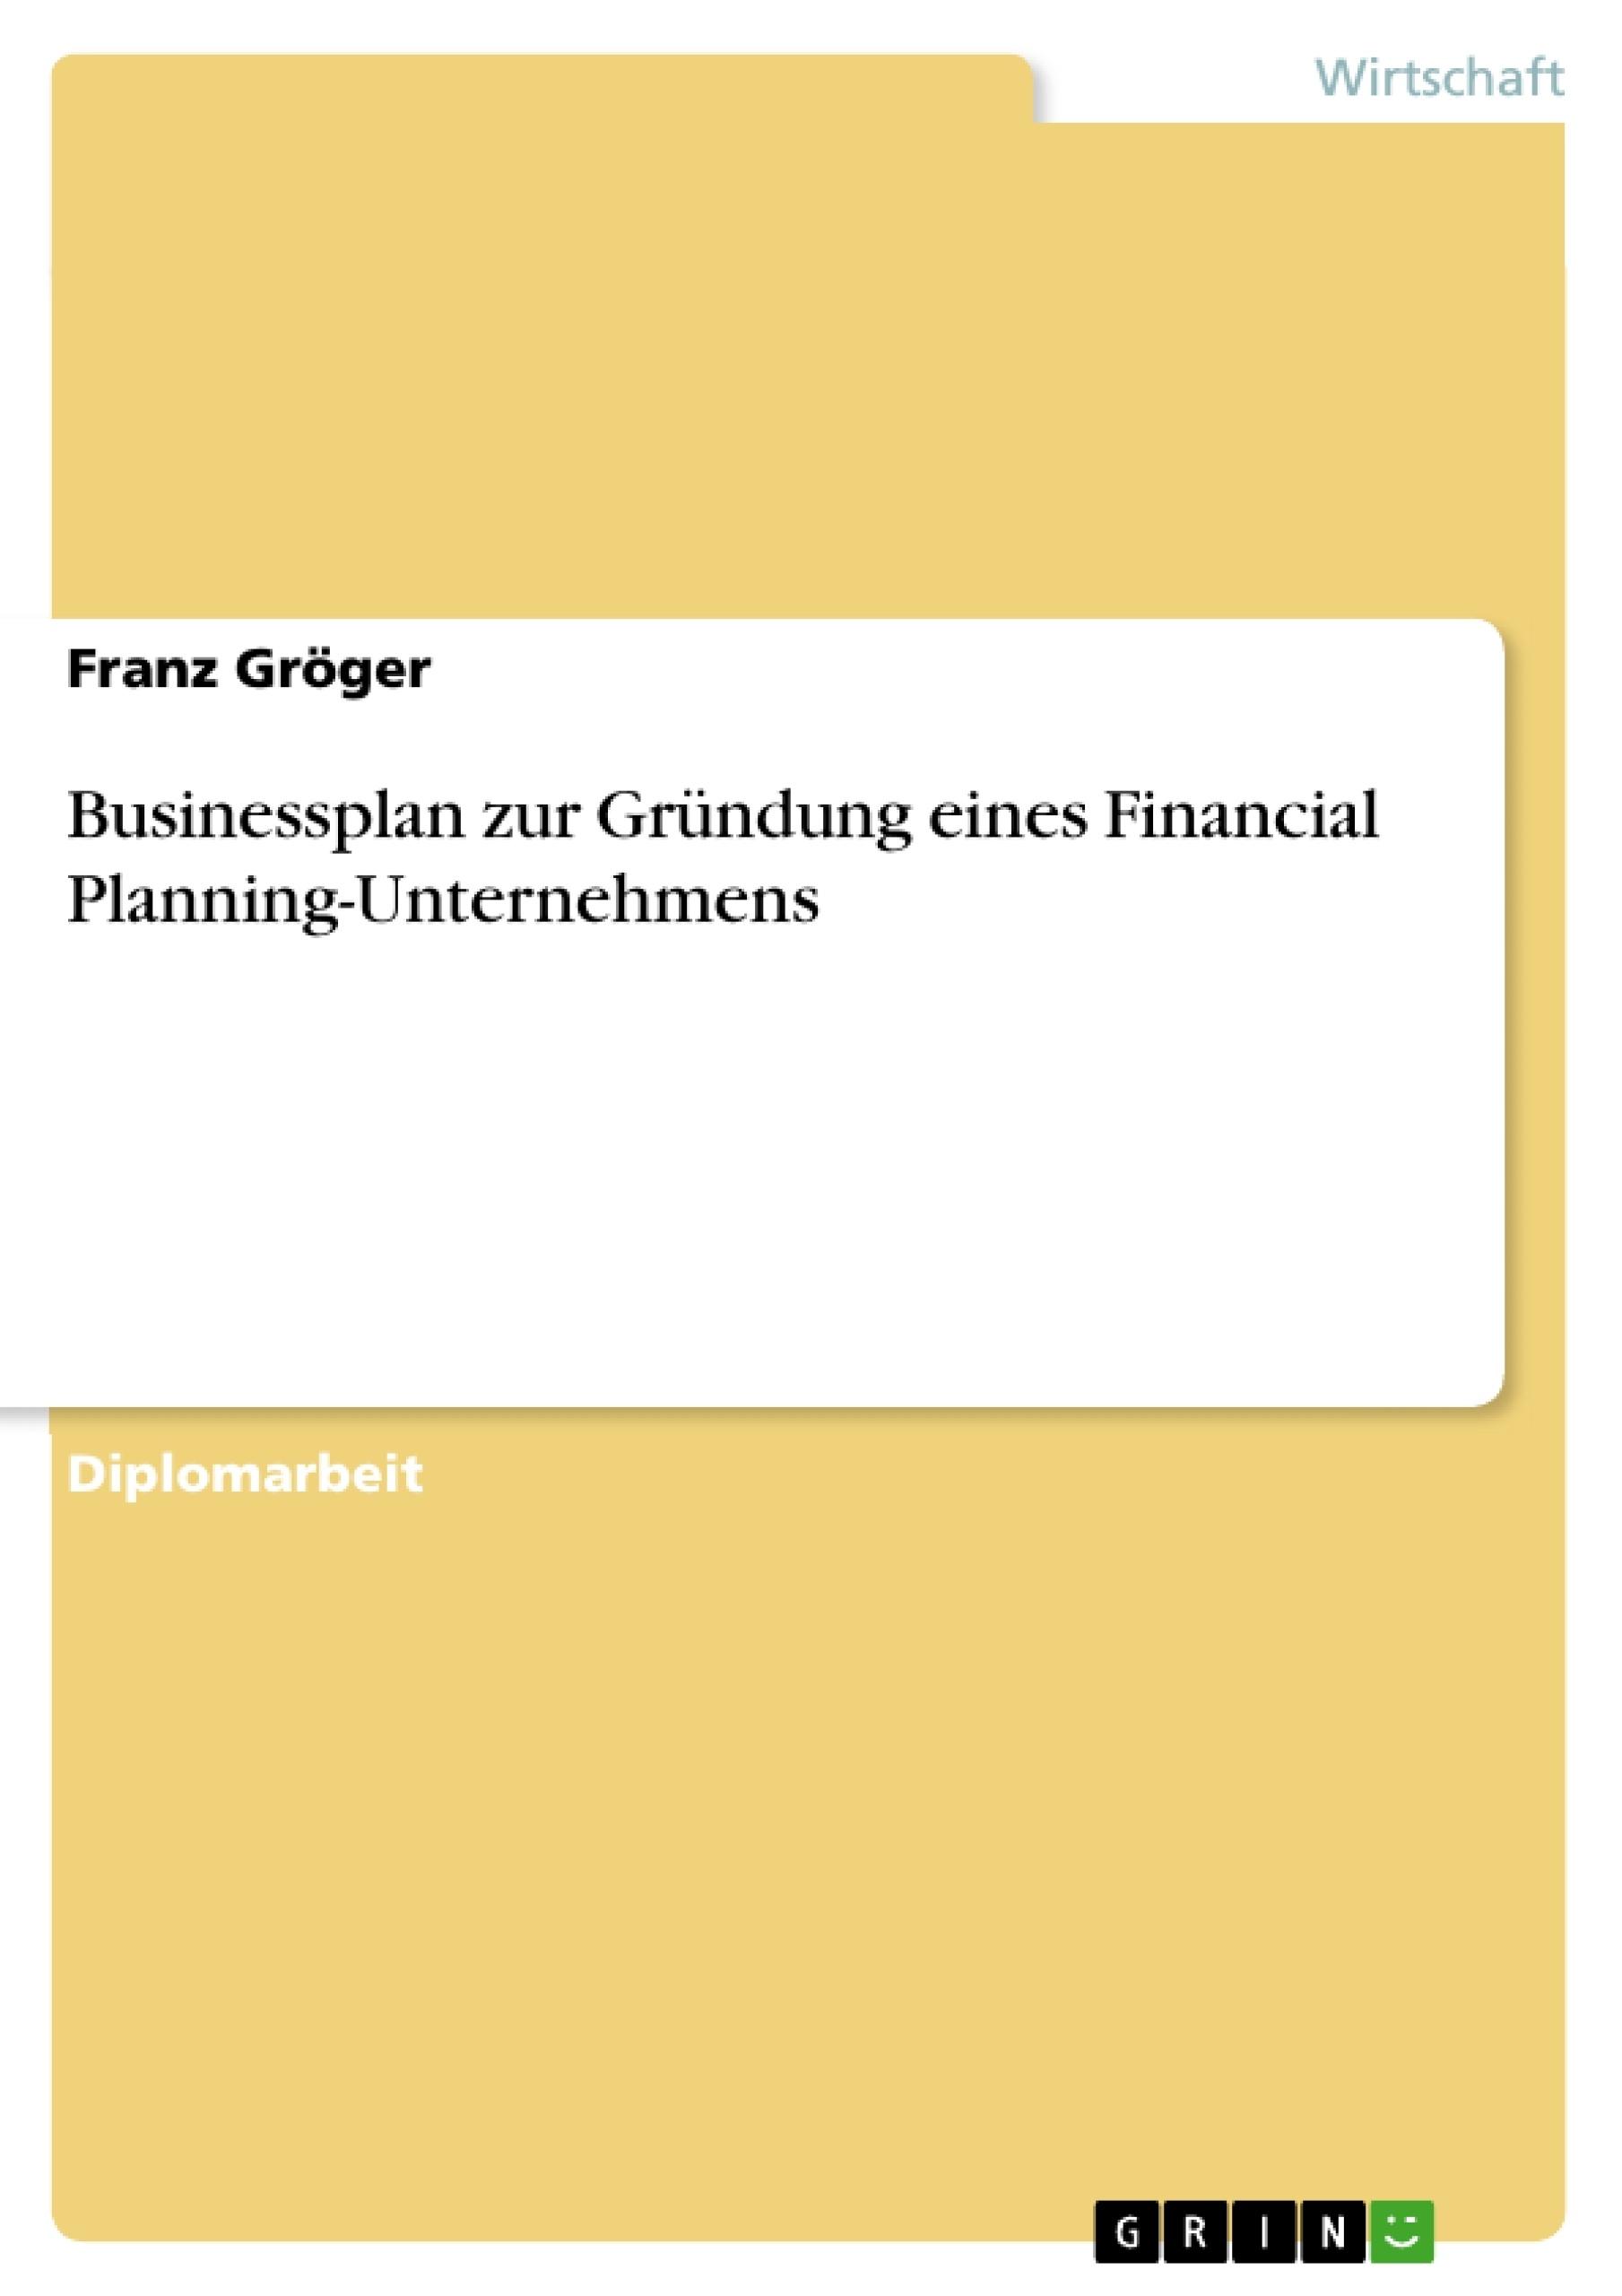 Titel: Businessplan zur Gründung eines Financial Planning-Unternehmens